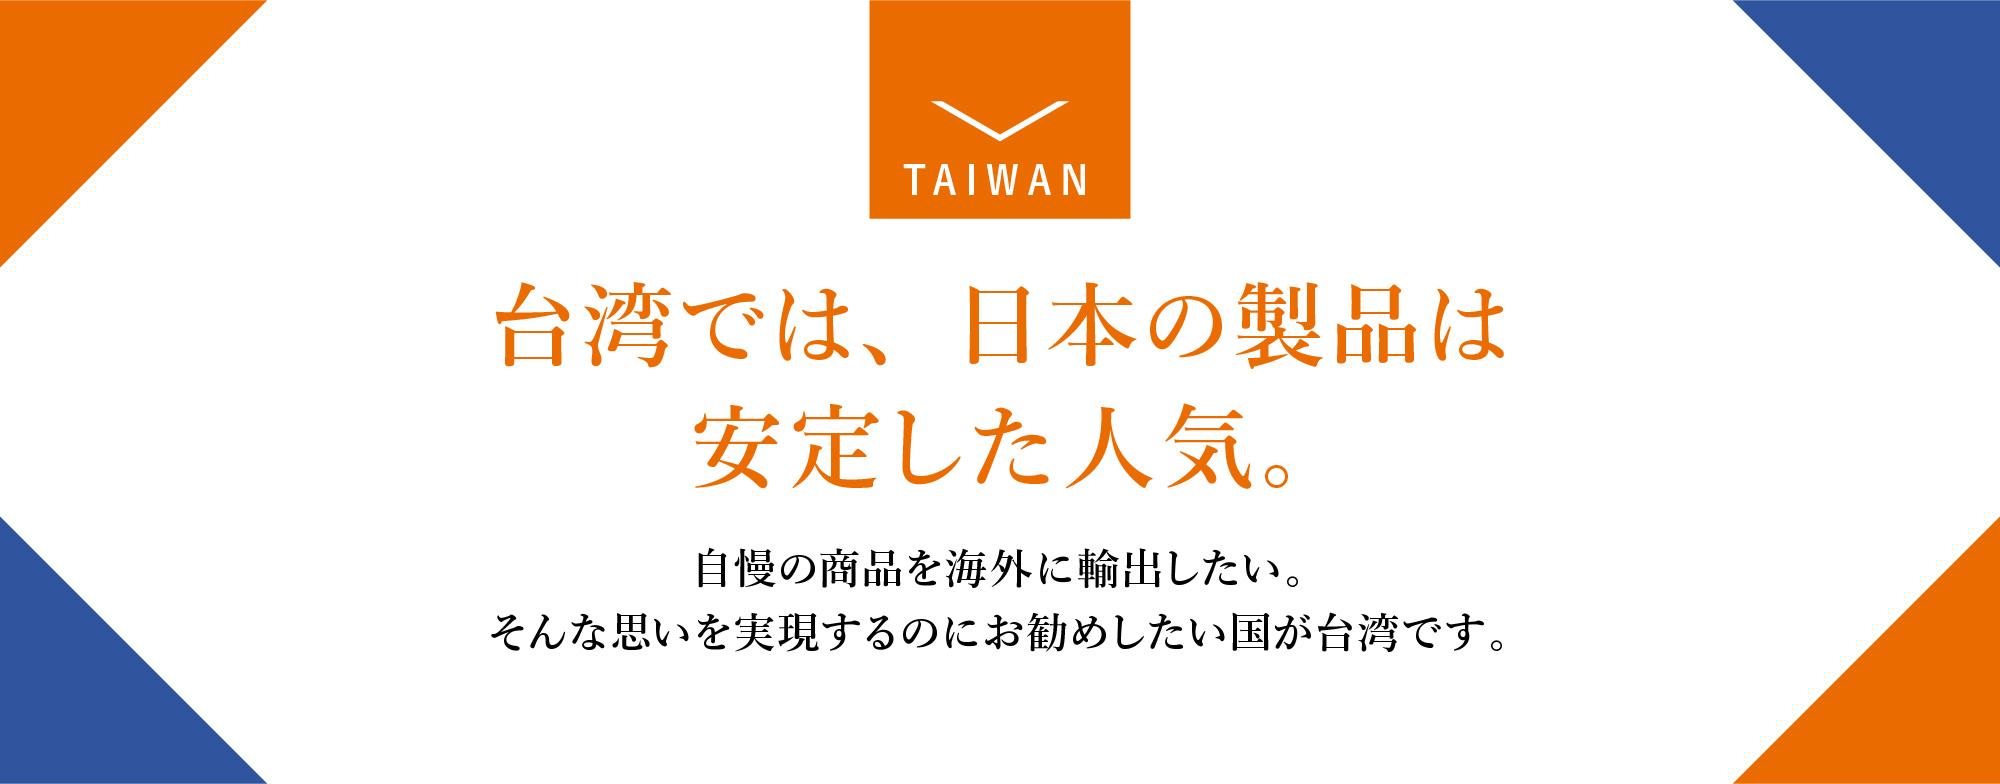 台湾では、日本の製品は安定した人気。海外展開しやすい市場です。中小企業でも進出しやすい環境。自慢の商品を海外に輸出したい。そんな思いを実現するのにお勧めしたい国が台湾です